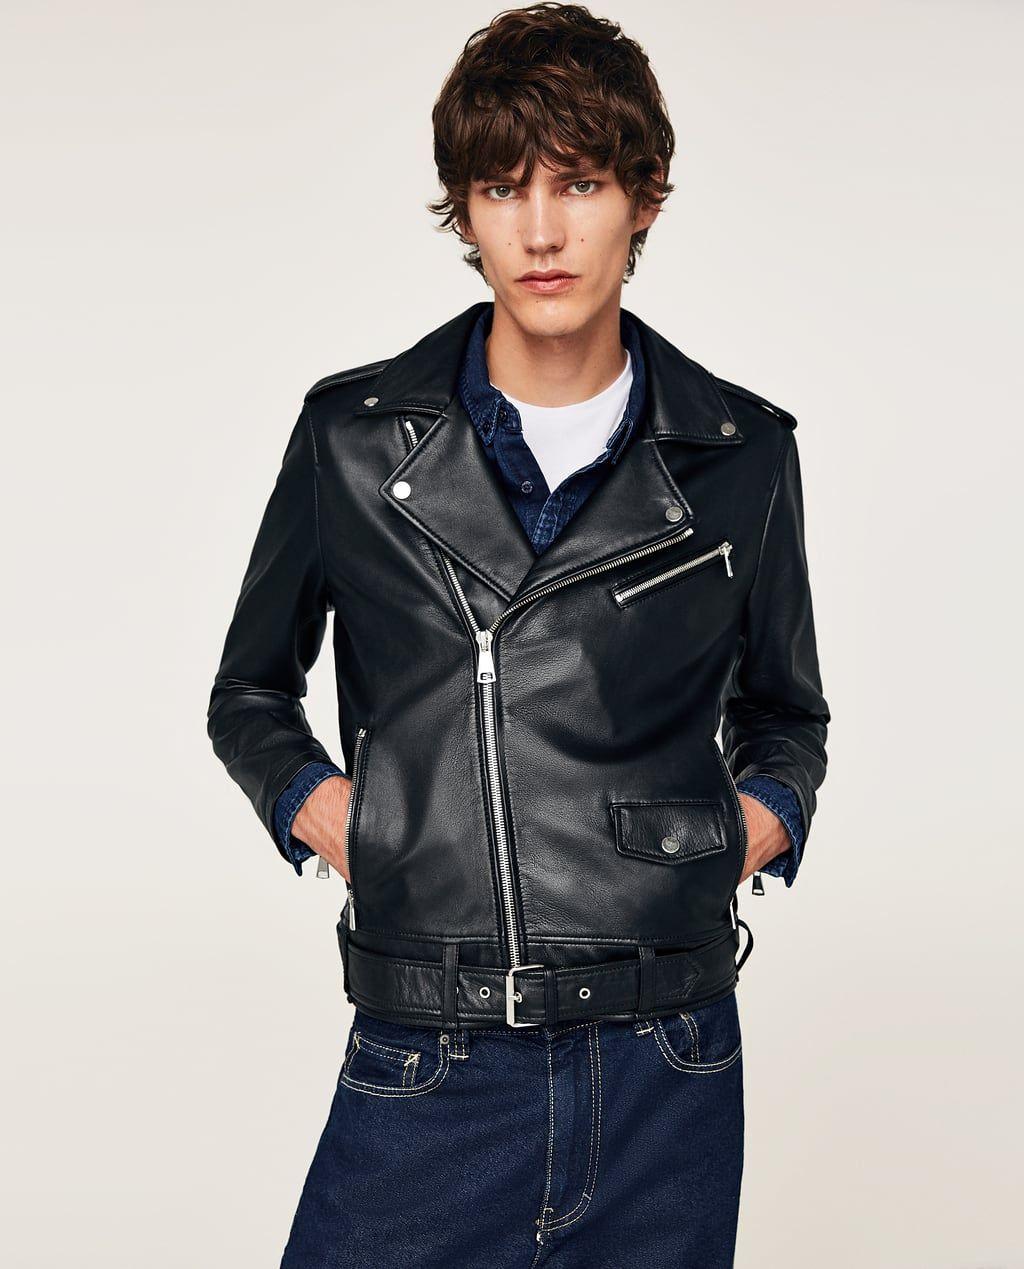 Image 1 of LEATHER JACKET from Zara Leather jacket men